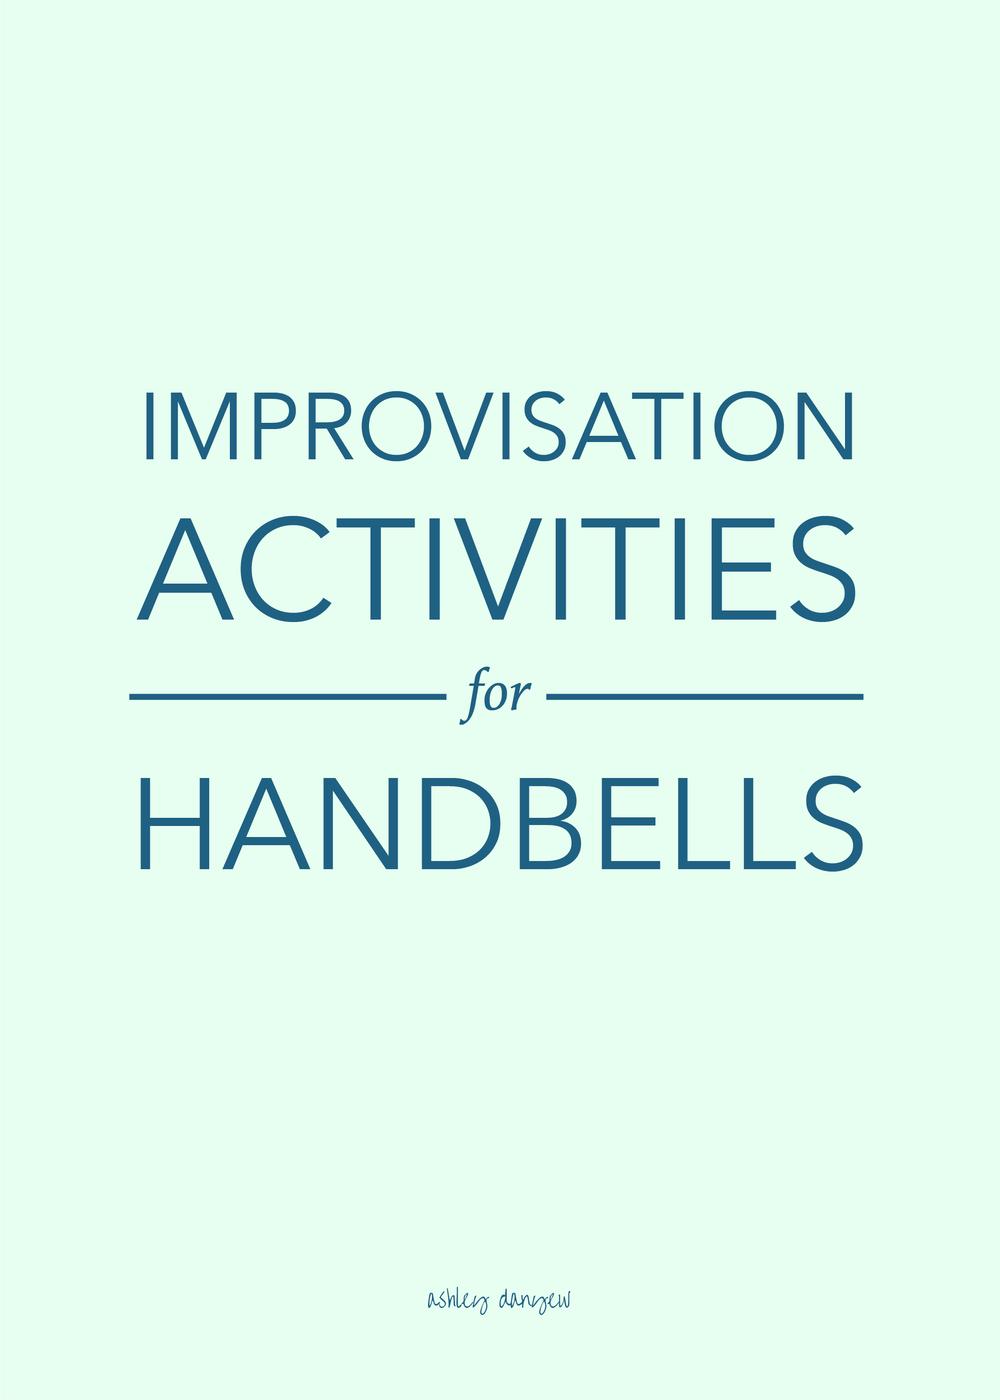 Copy of Improvisation Activities for Handbells